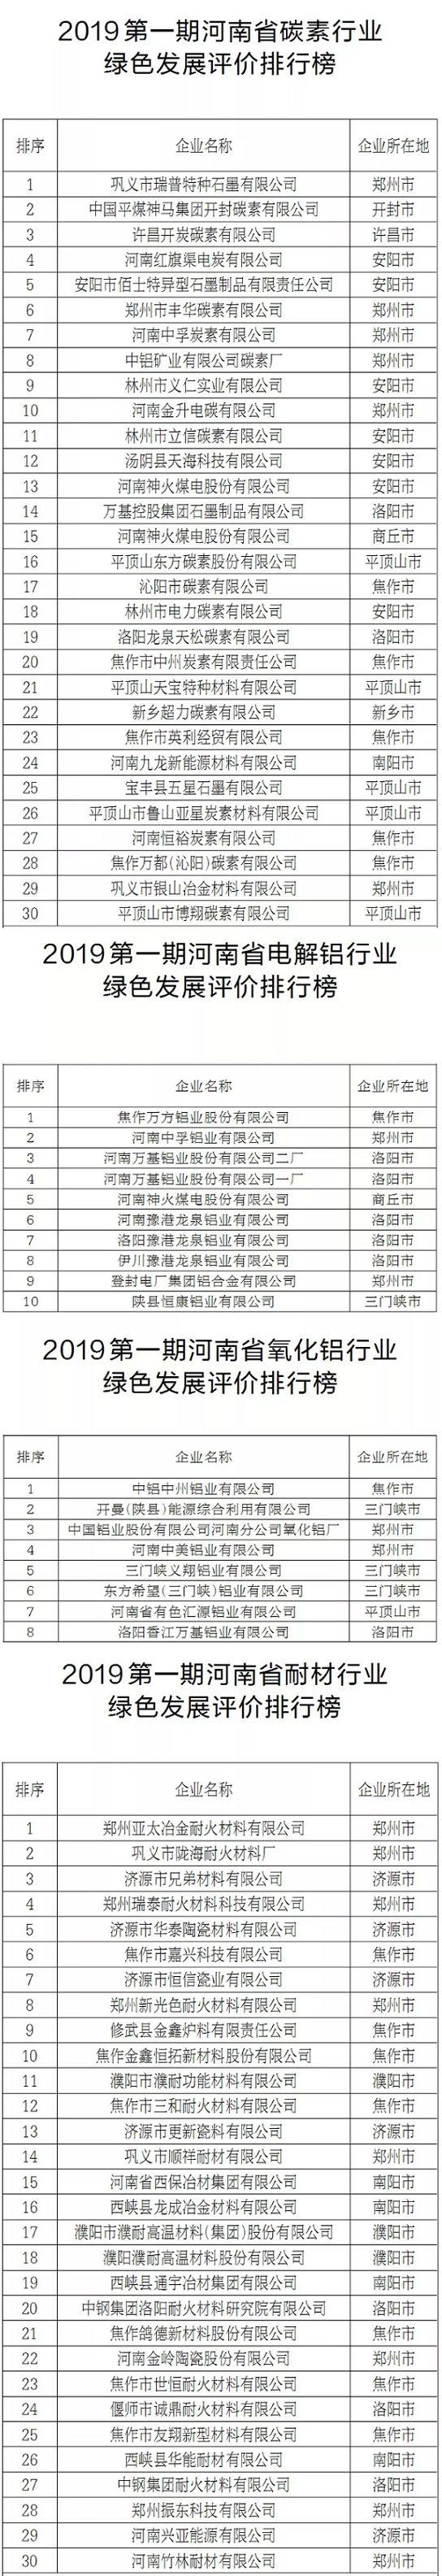 河南省公布碳素、电解铝、氧化铝、耐材等行业企业绿色发展评价排行